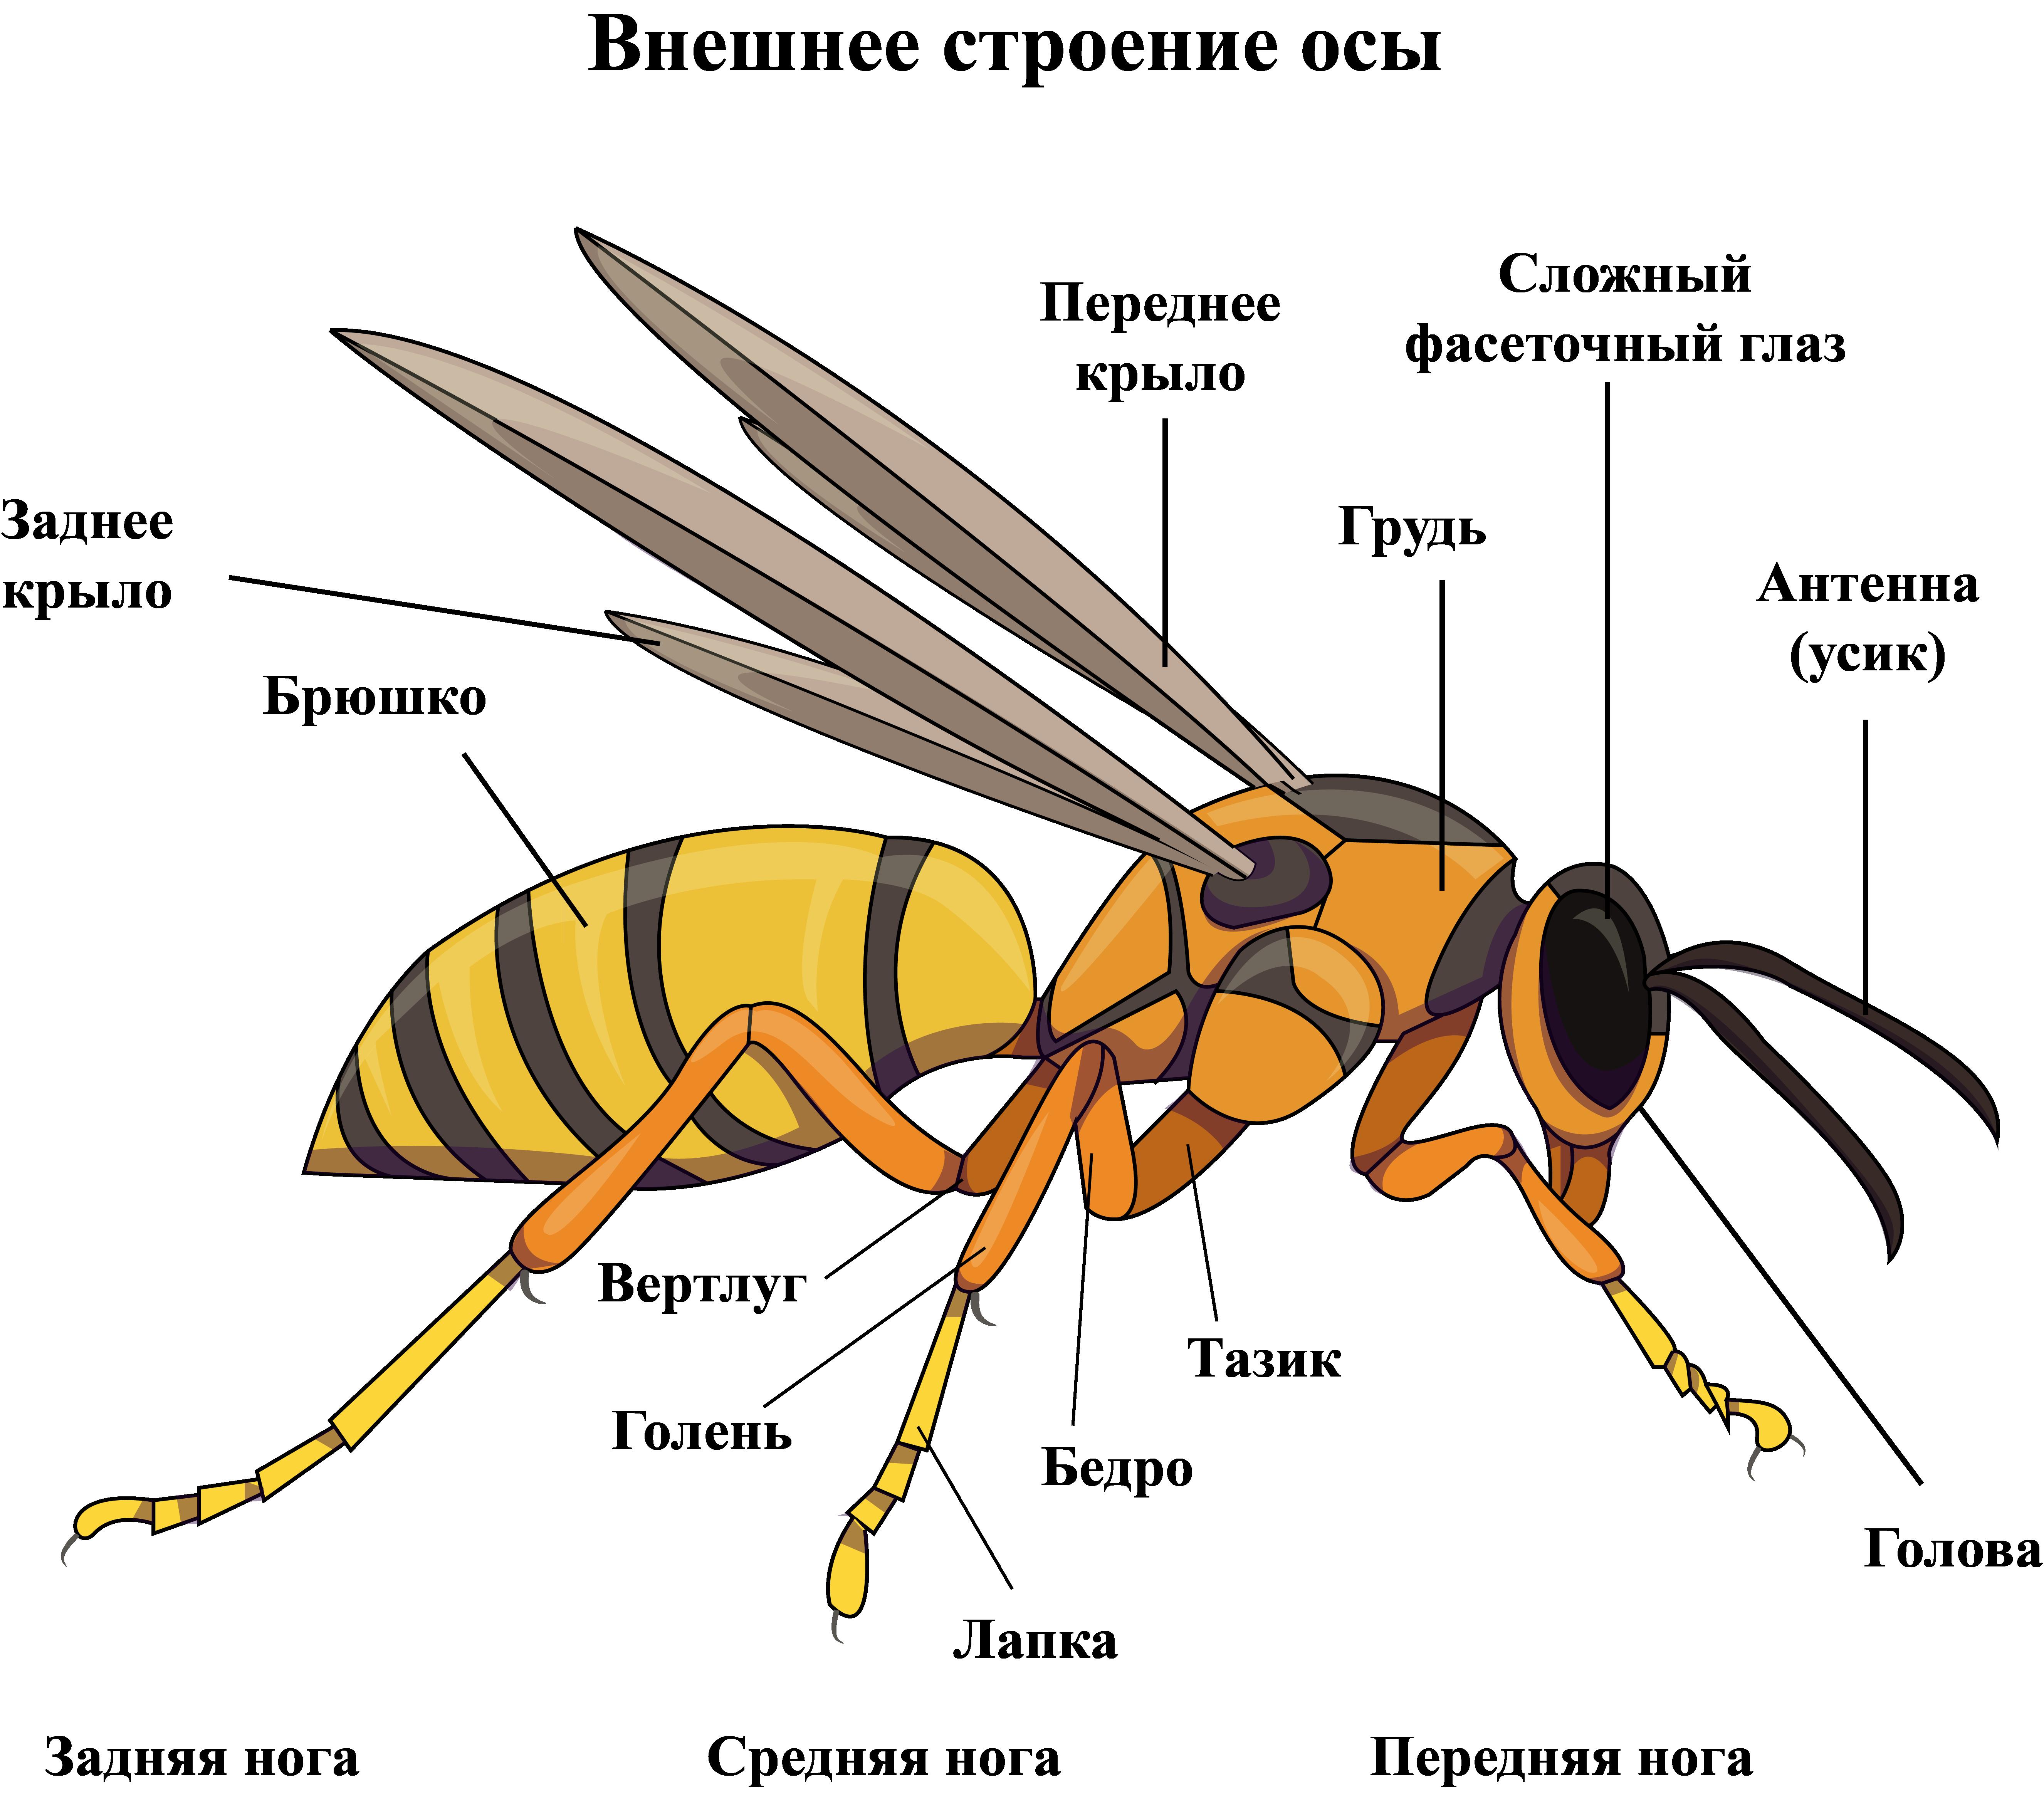 Внешнее строение осы